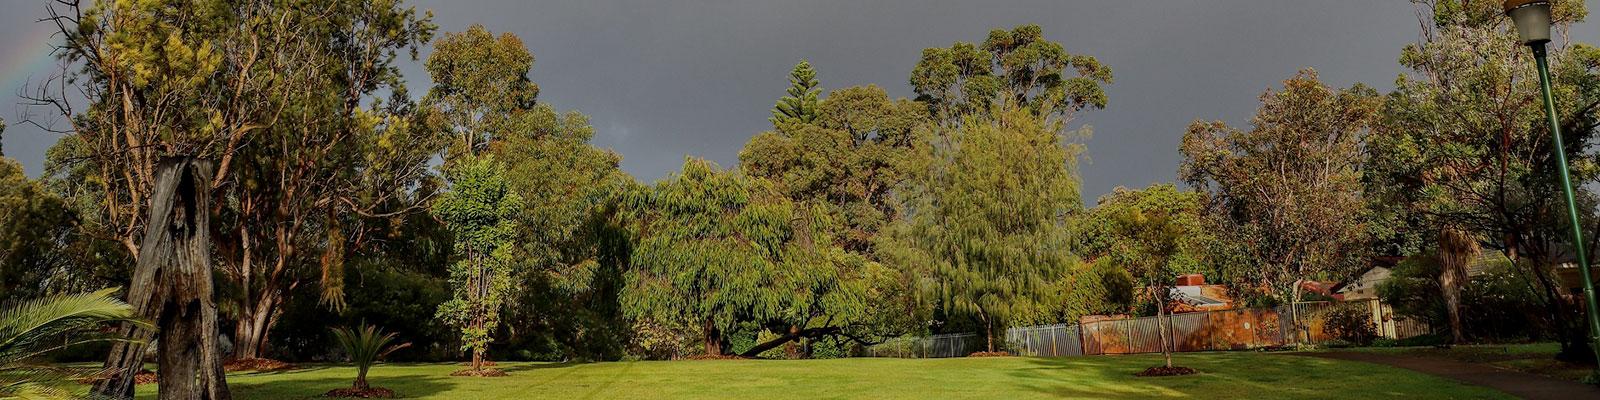 Crestwood stormy sky